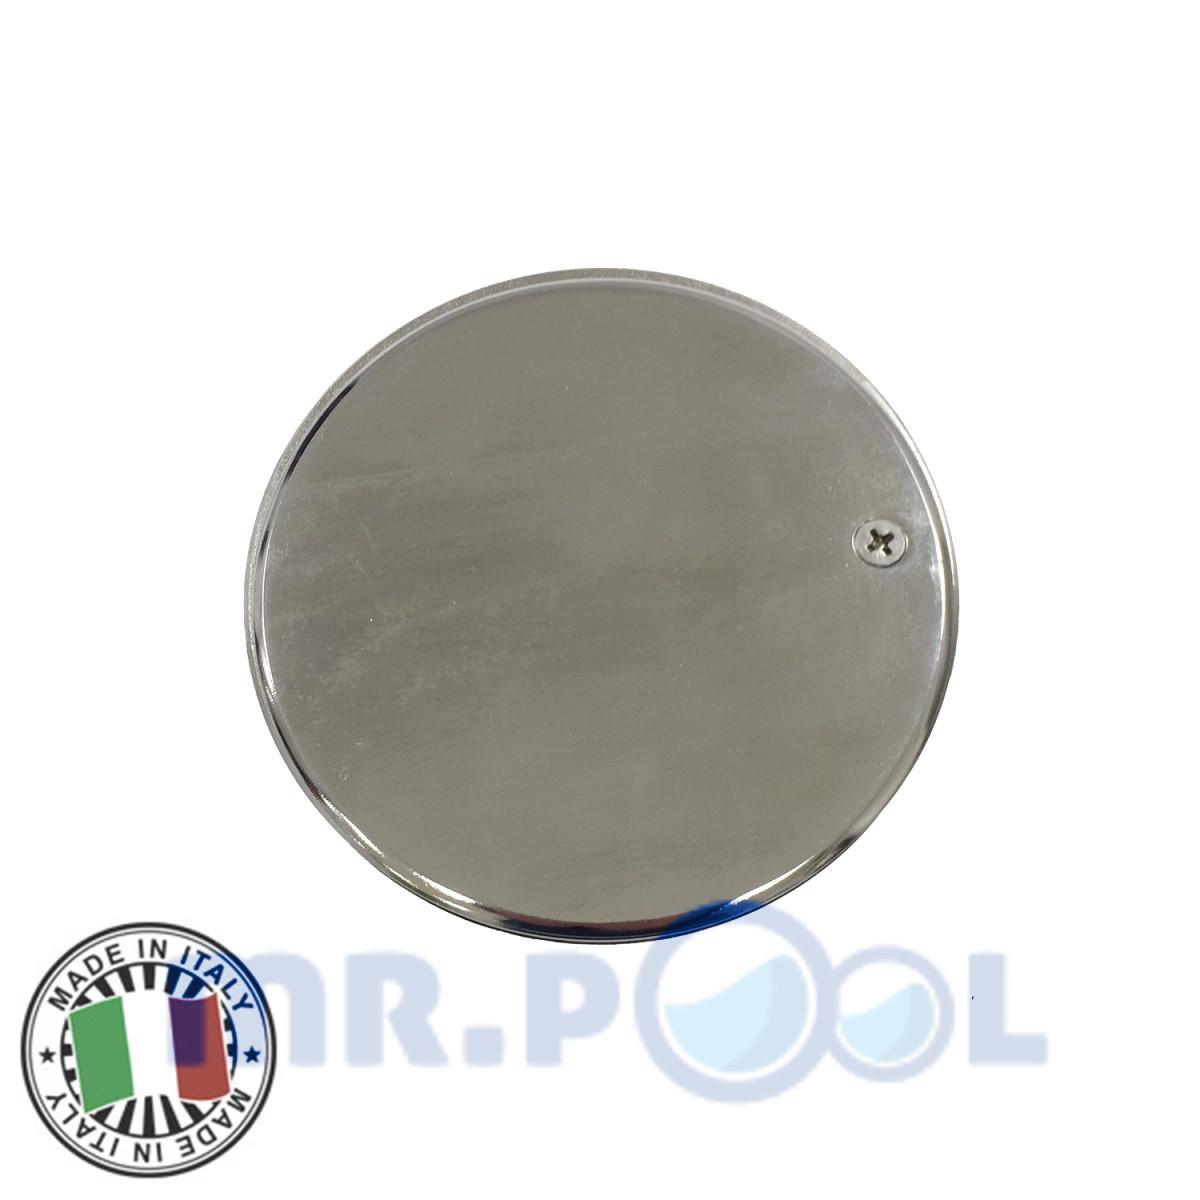 Форсунка для пылесоса под лайнер Marpiscine 17029 (2″) нерж.сталь